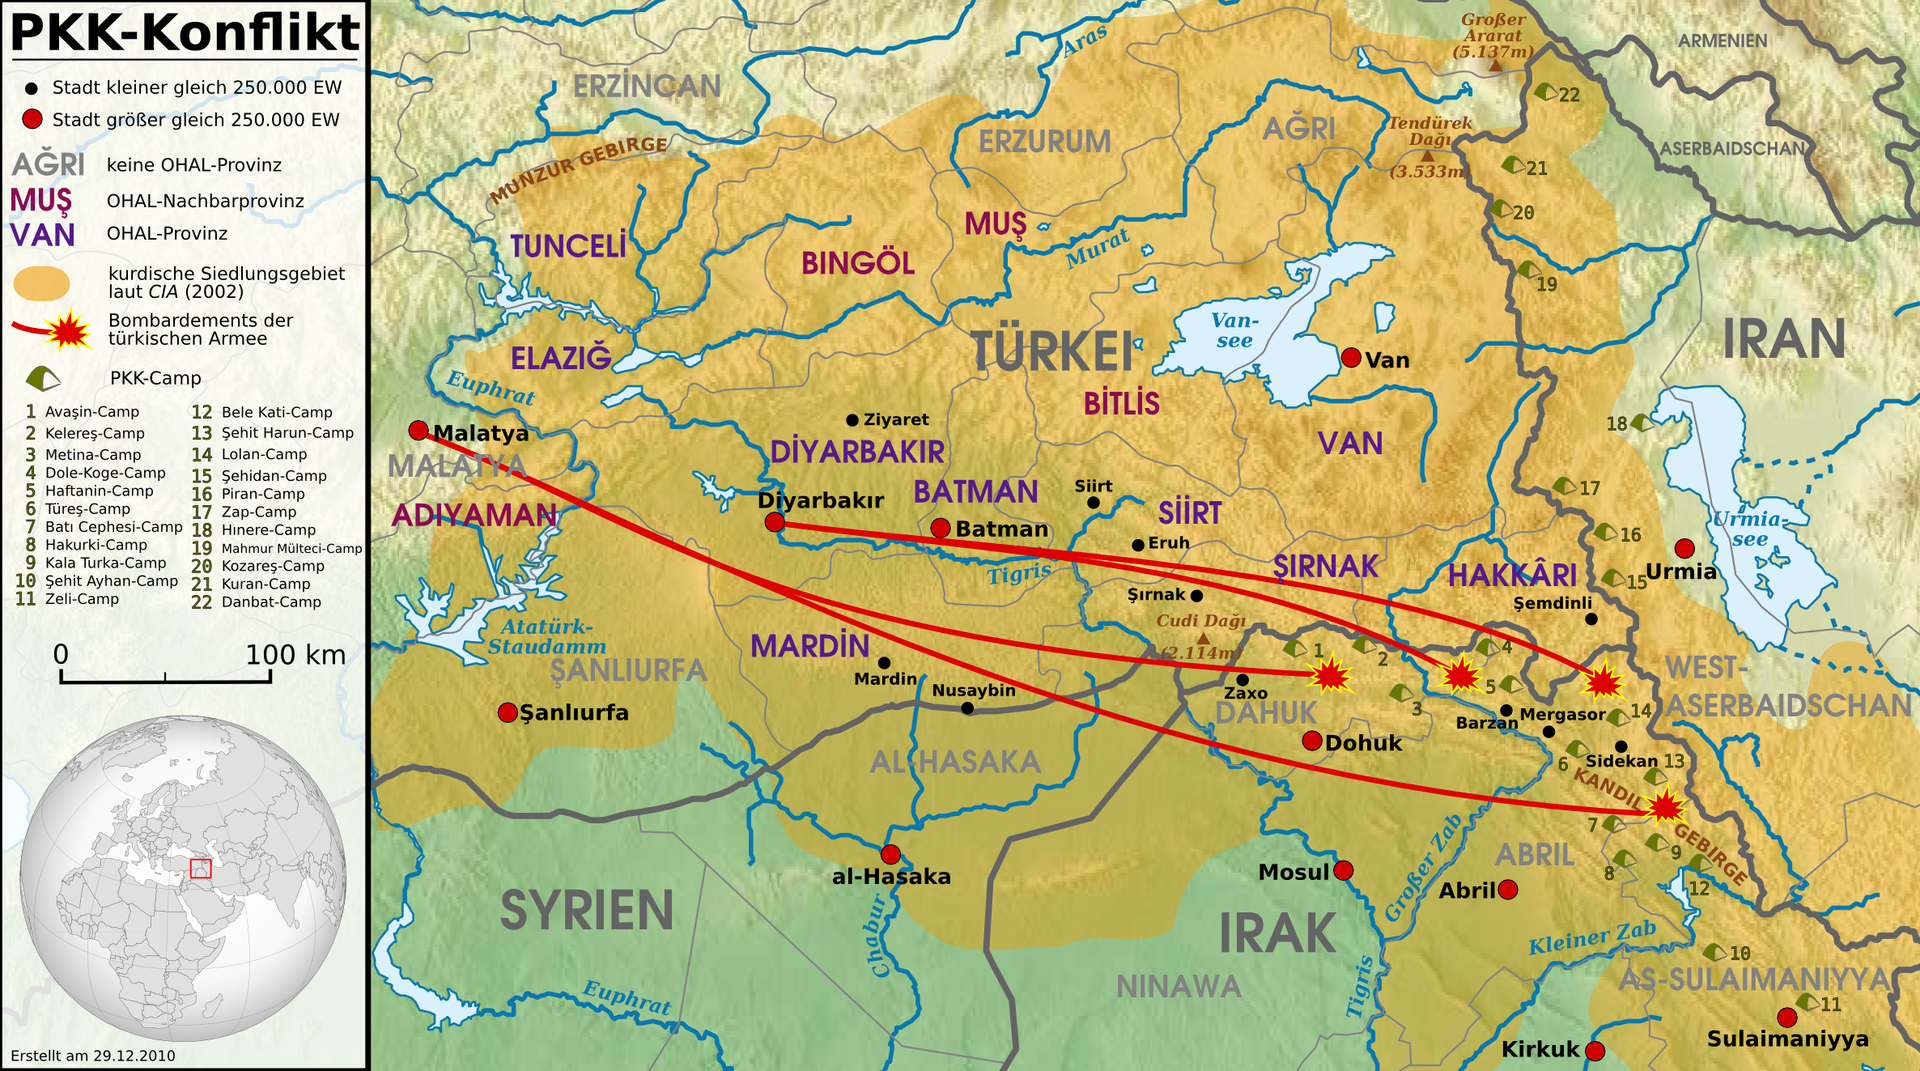 1920px-PKK-Conflict-de.png